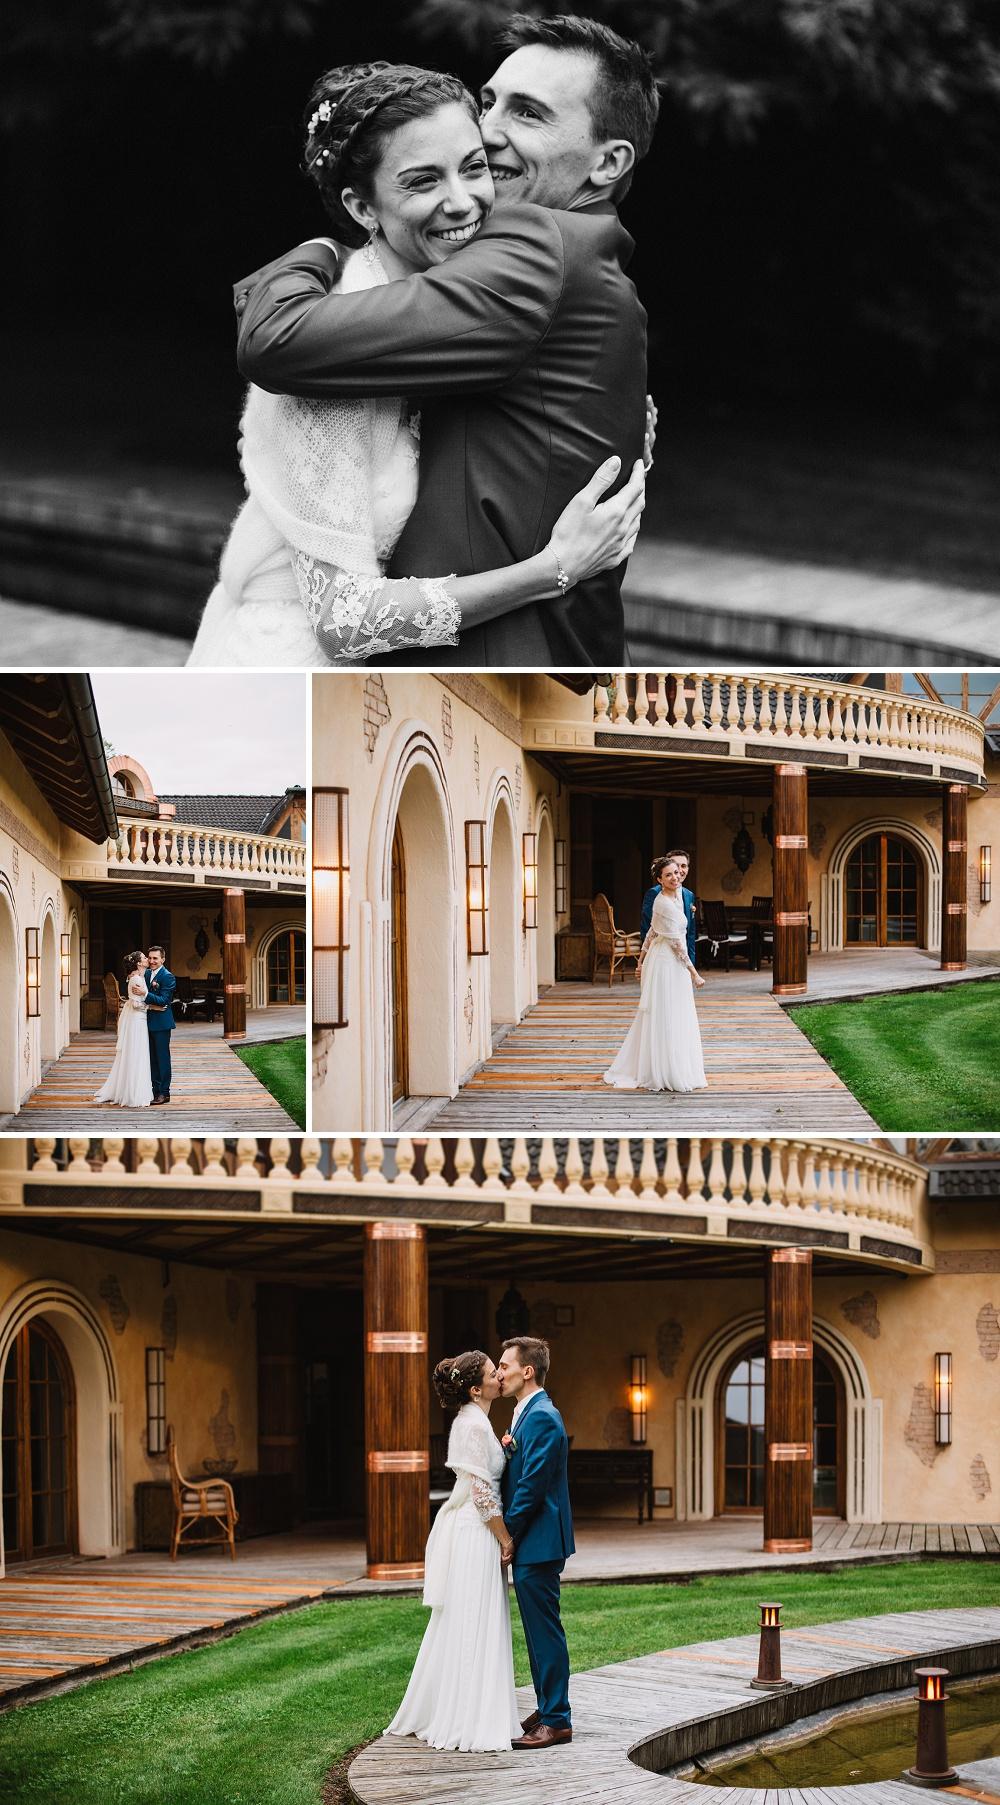 mariage-allemagne-molino-16.jpg